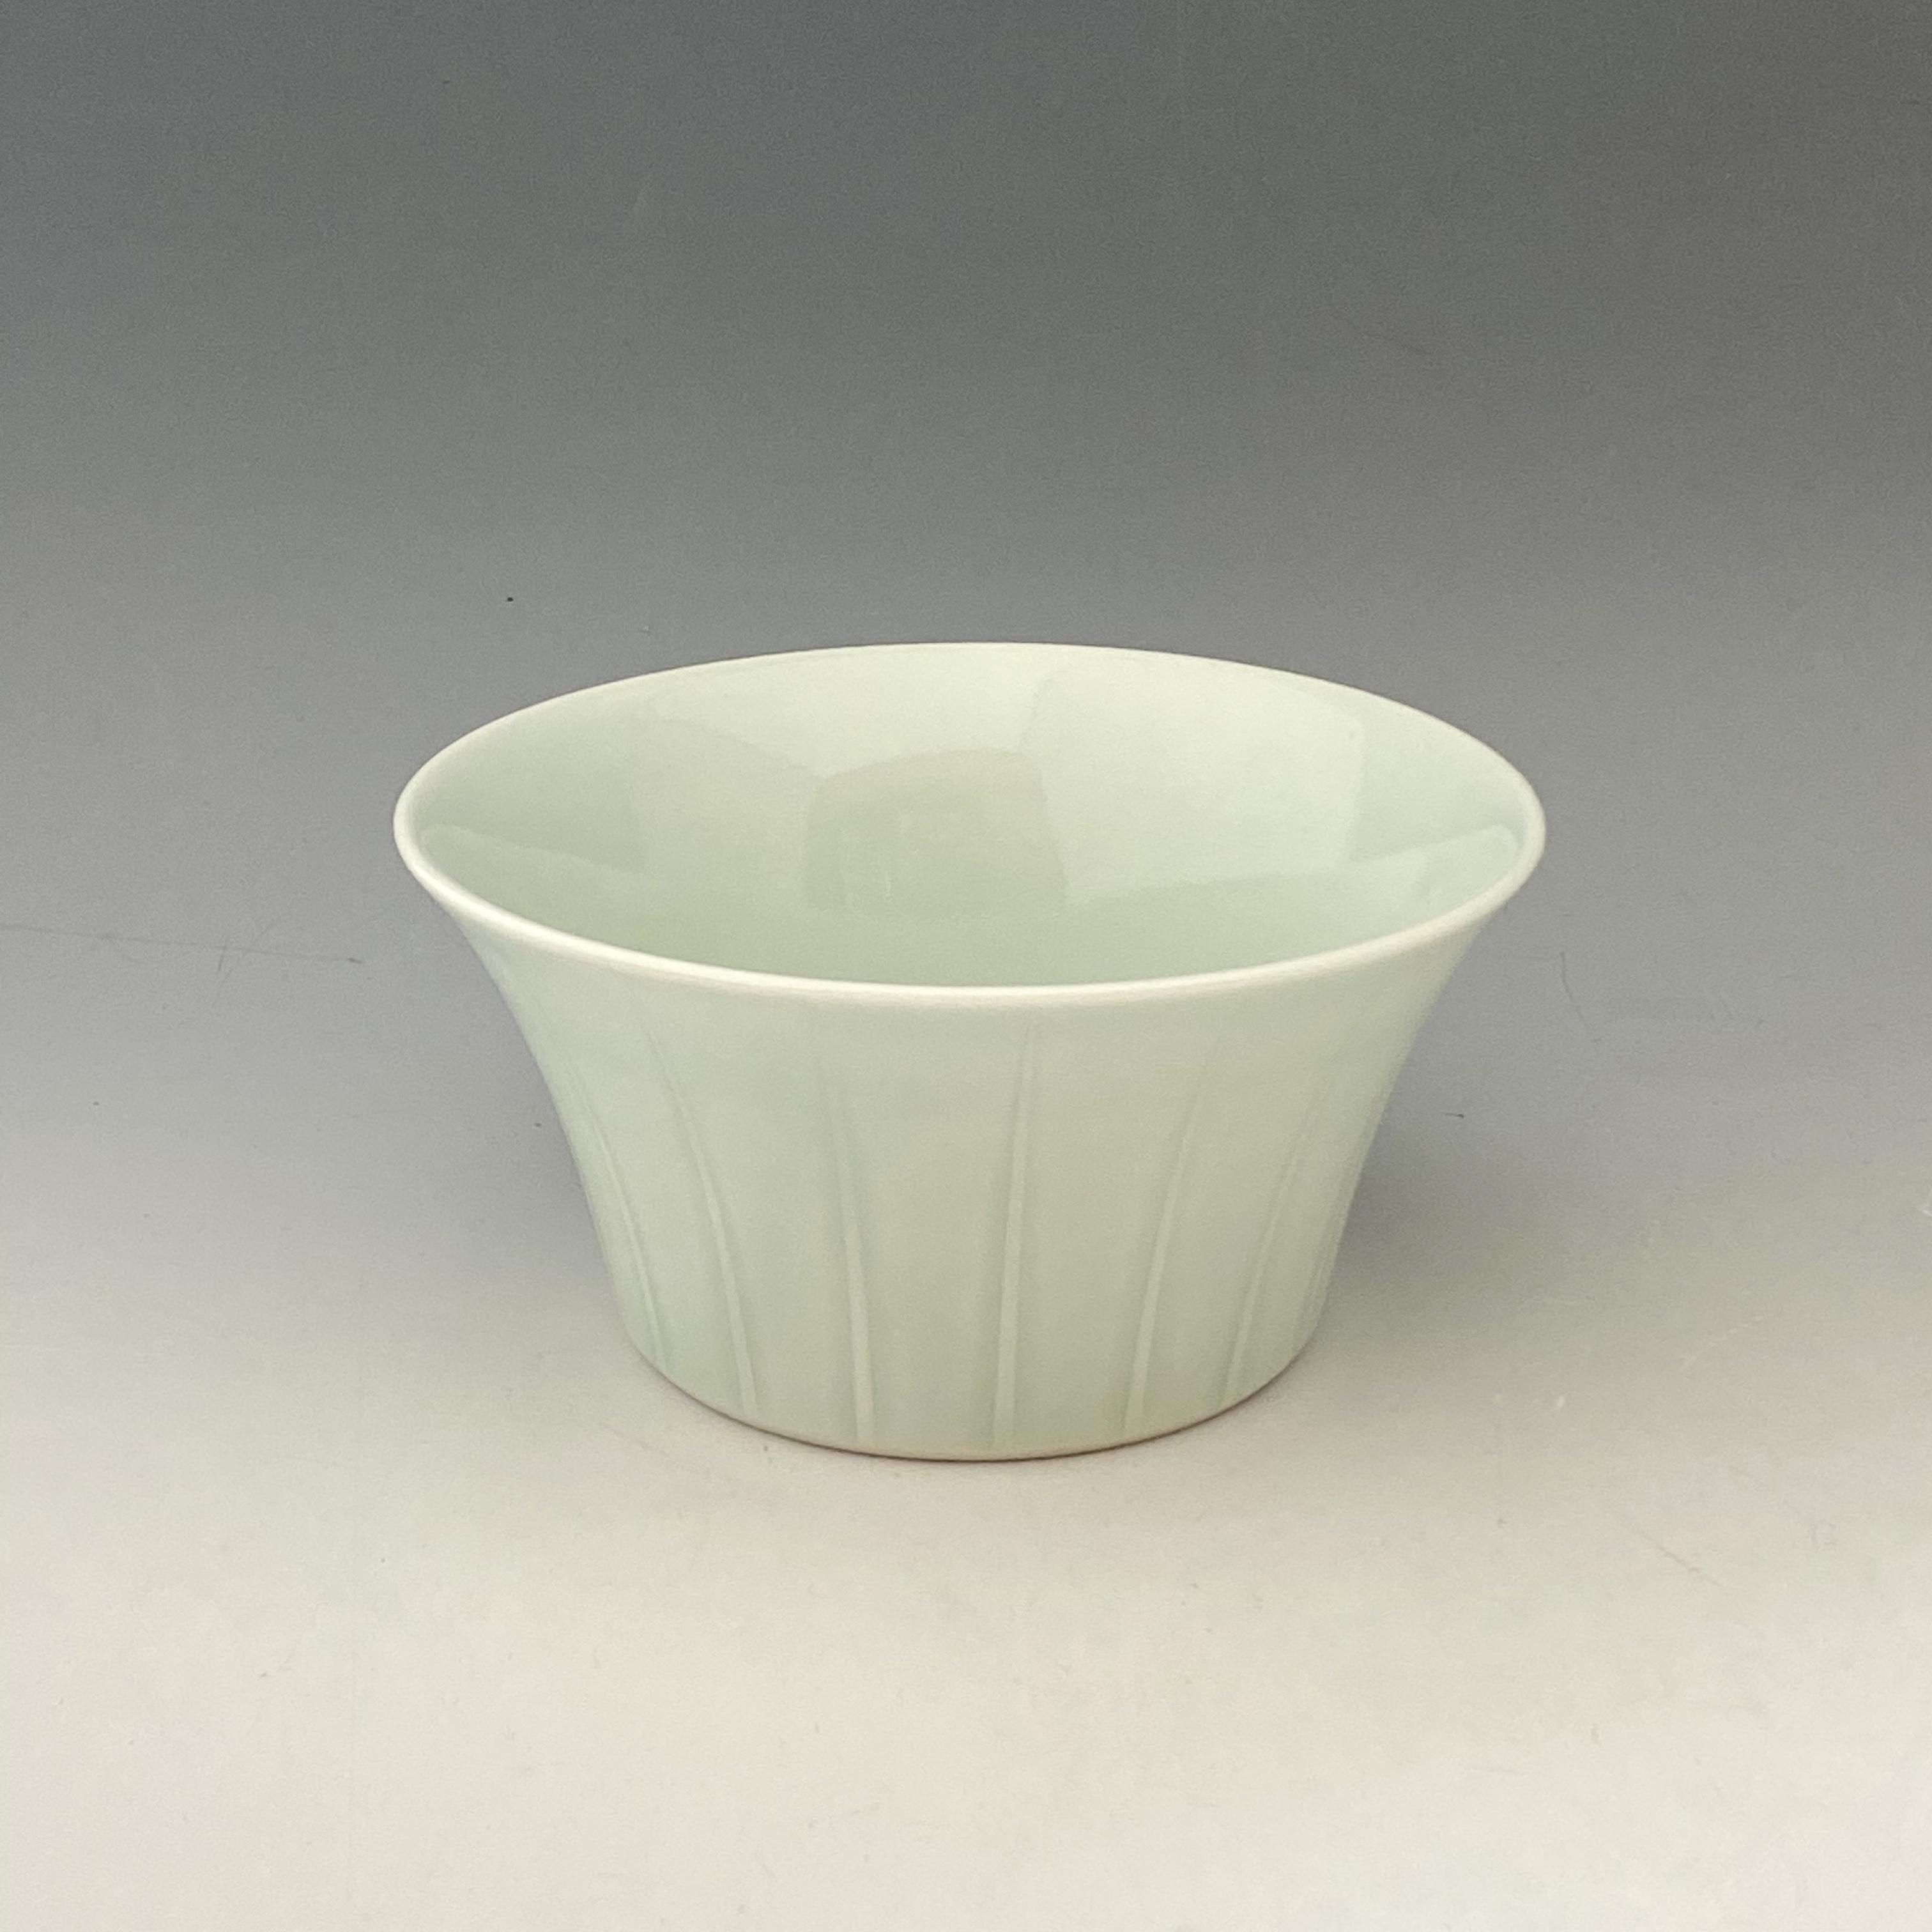 【中尾恭純】青白磁線彫麺鉢